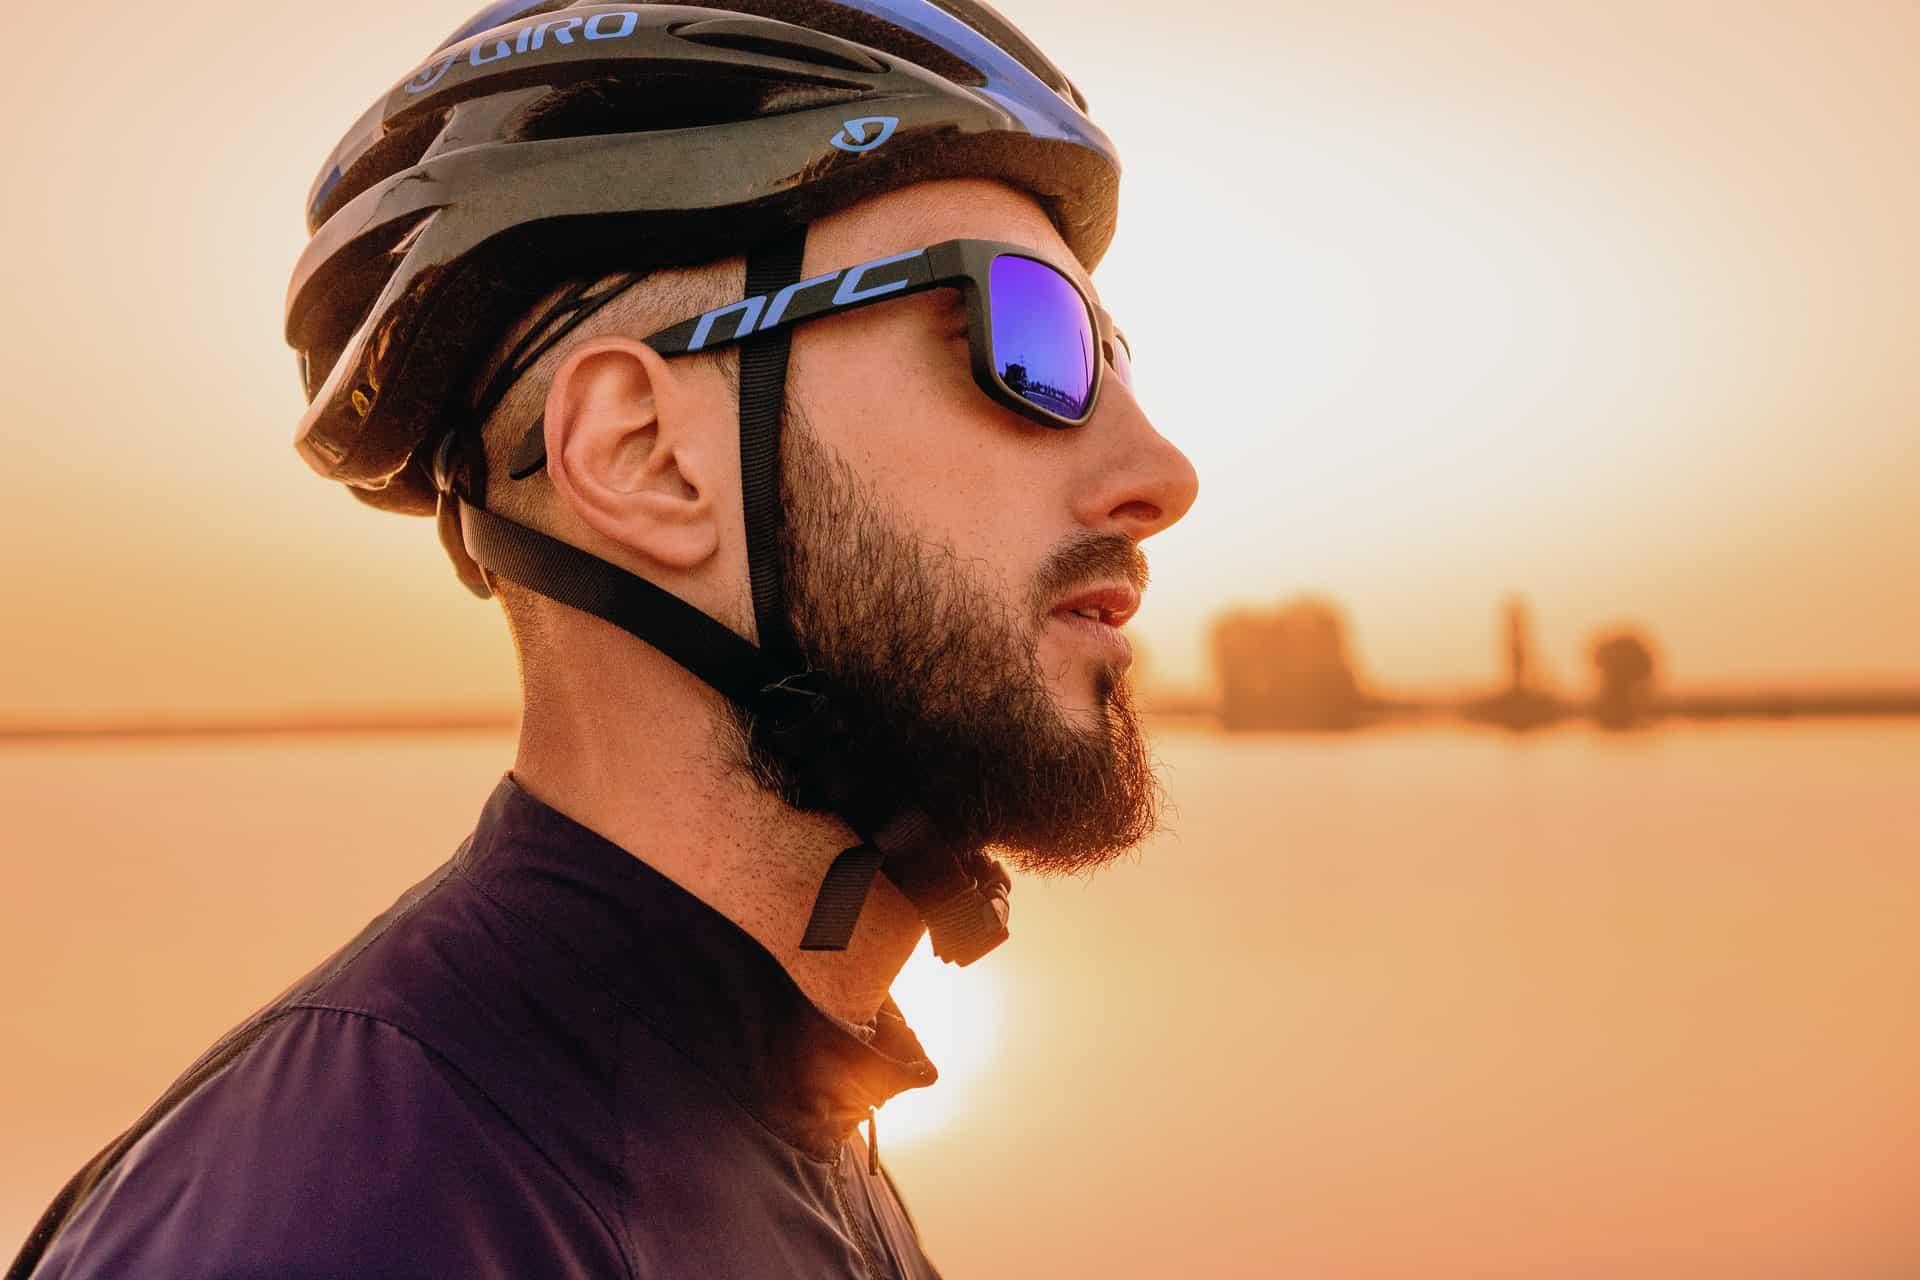 man wearing cycling sunglasses